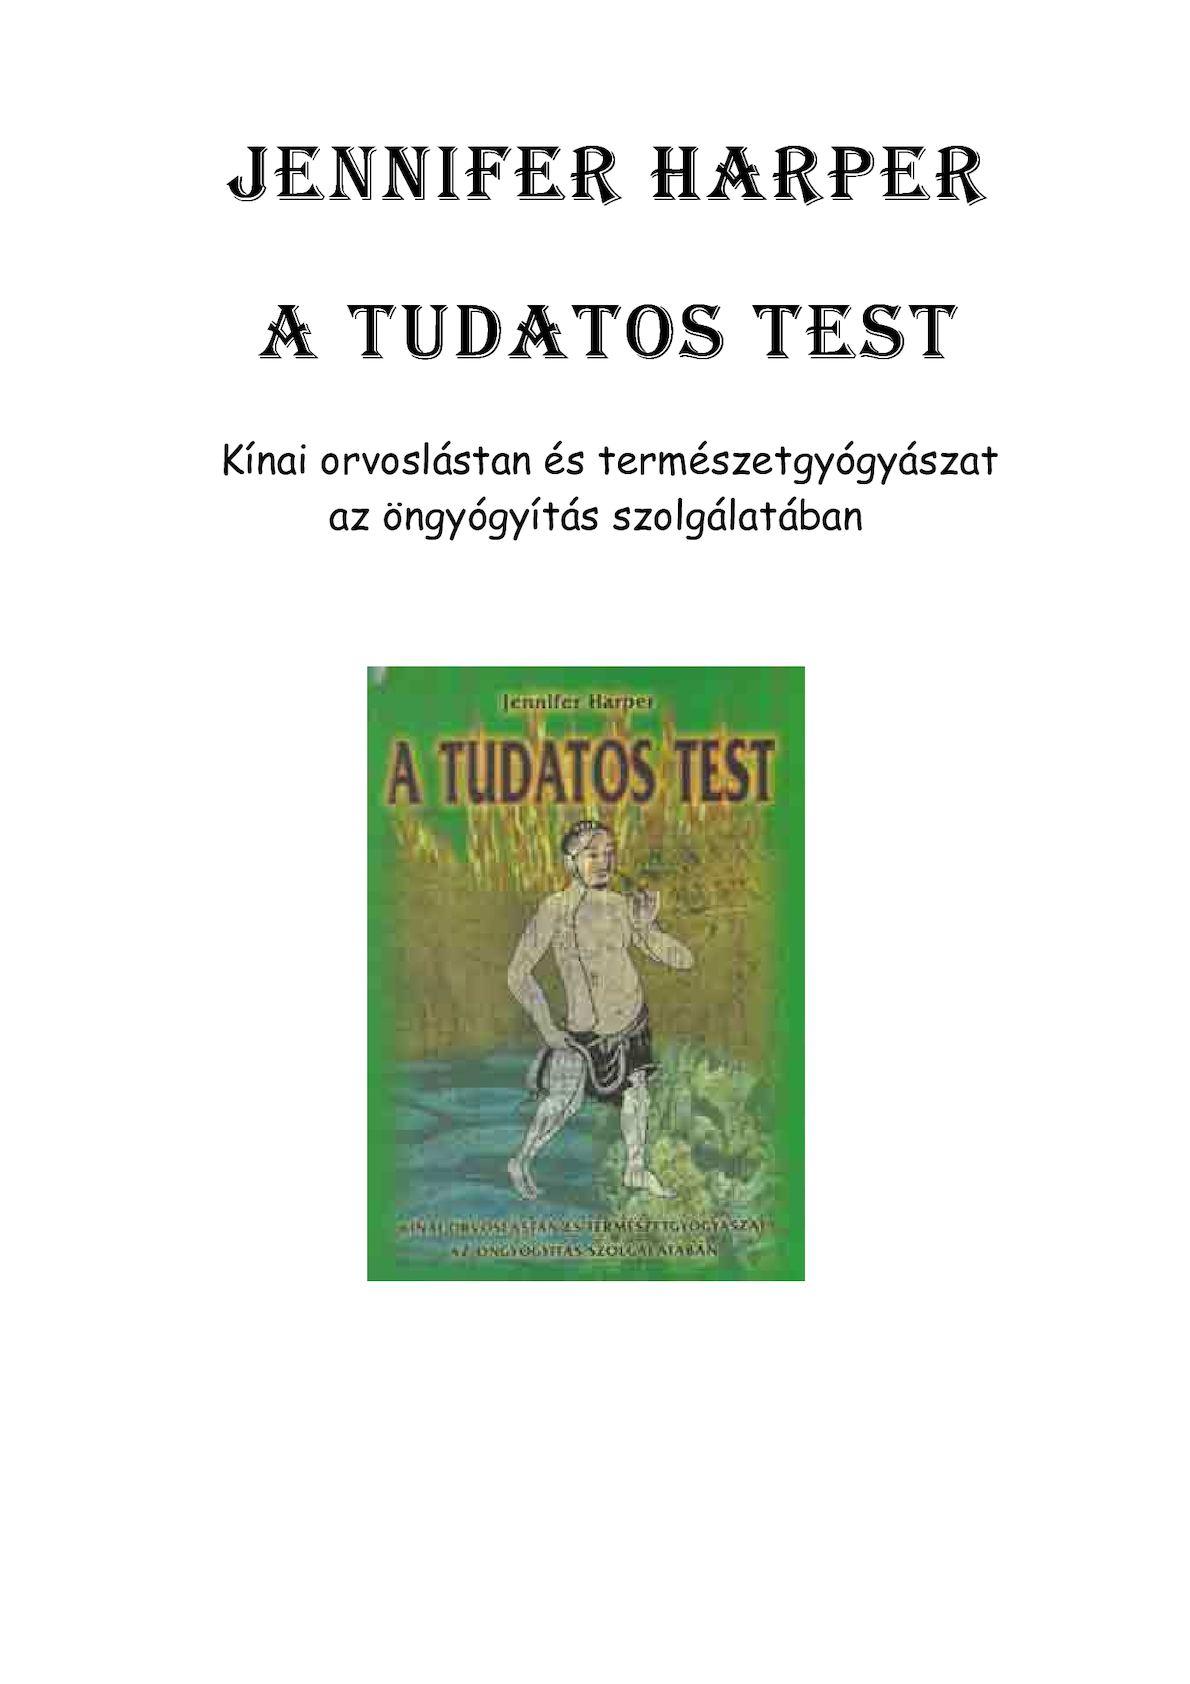 tisztítja a salak paraziták testét)